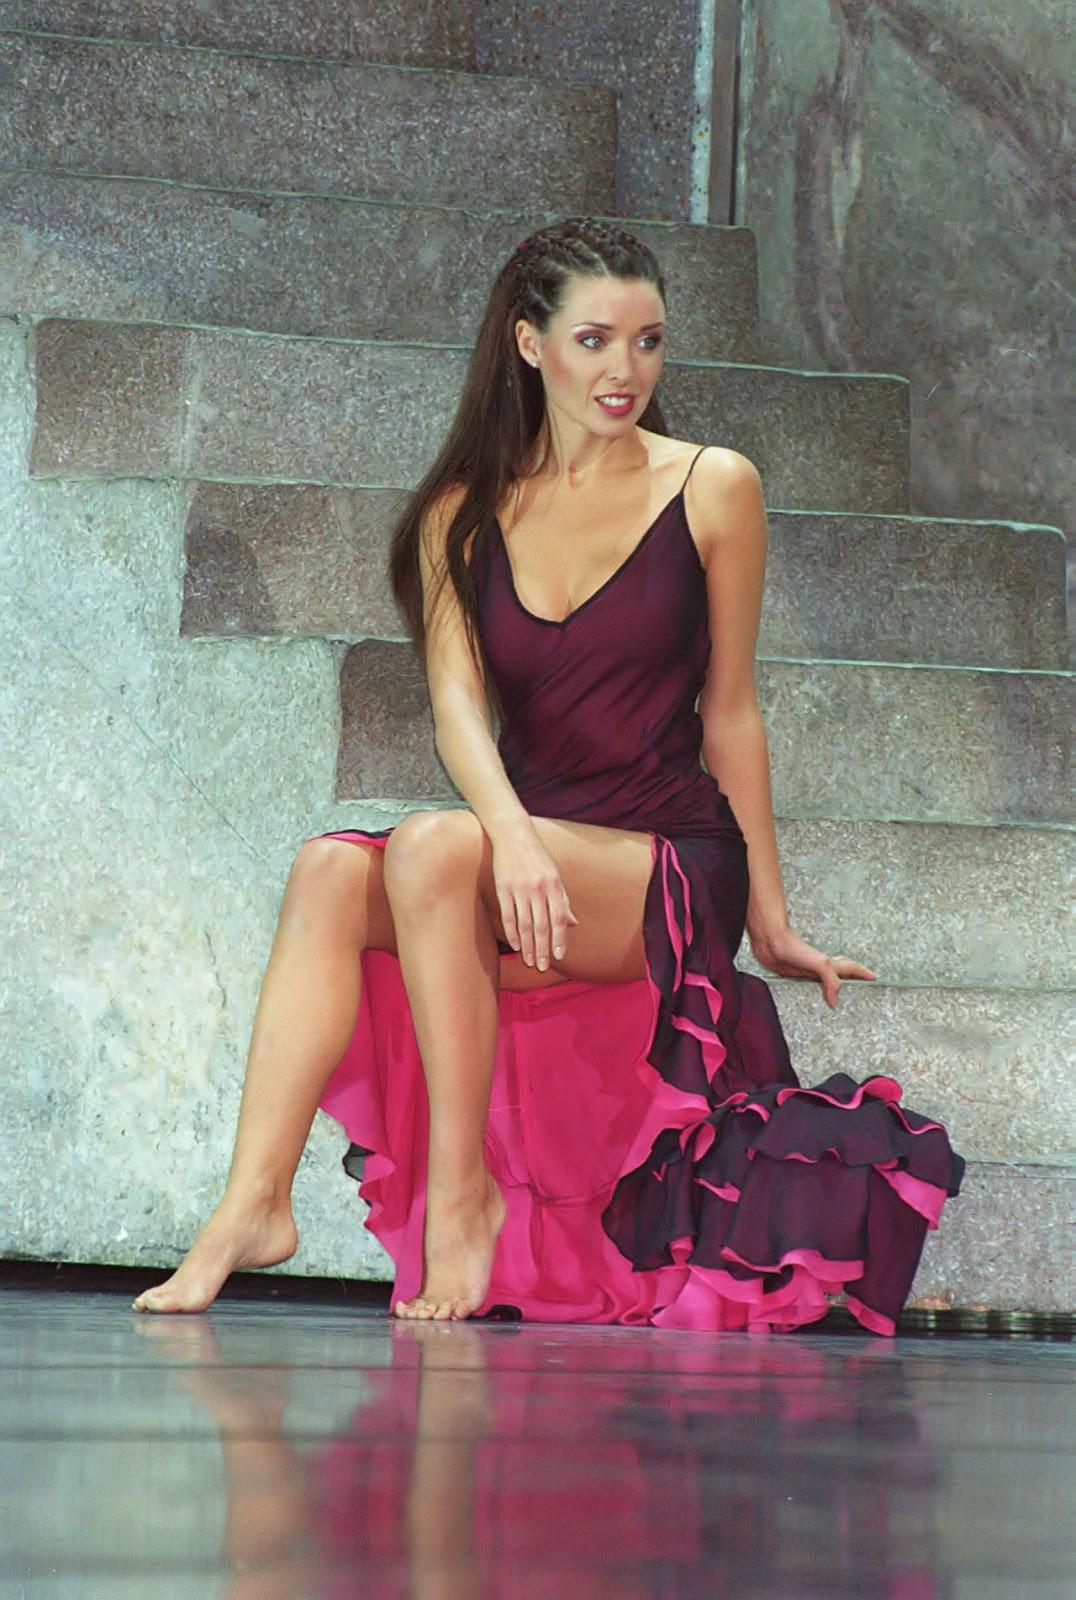 http://4.bp.blogspot.com/-n7HgaeZh2DQ/ULUiyGBp8zI/AAAAAAAASBs/ihpma_TKyWE/s1600/Dannii_Minogue22.jpg